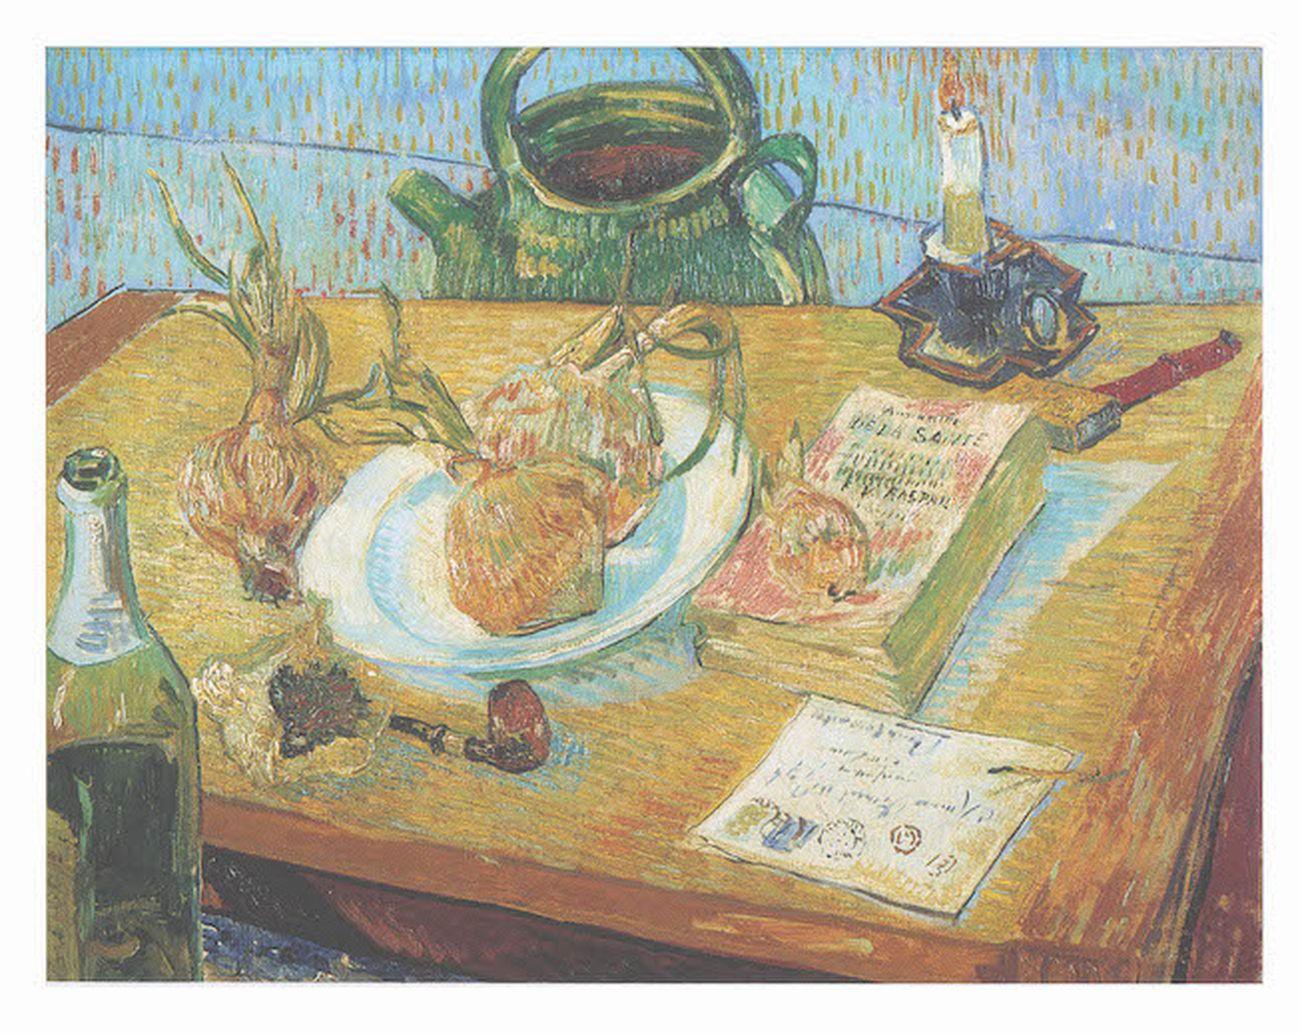 Vincent van Gogh, Natura morta con cipolle, olio su tela, 49,6 × 64,4 cm, Arles, 1889. Kröller Müller Museum, Otterlo